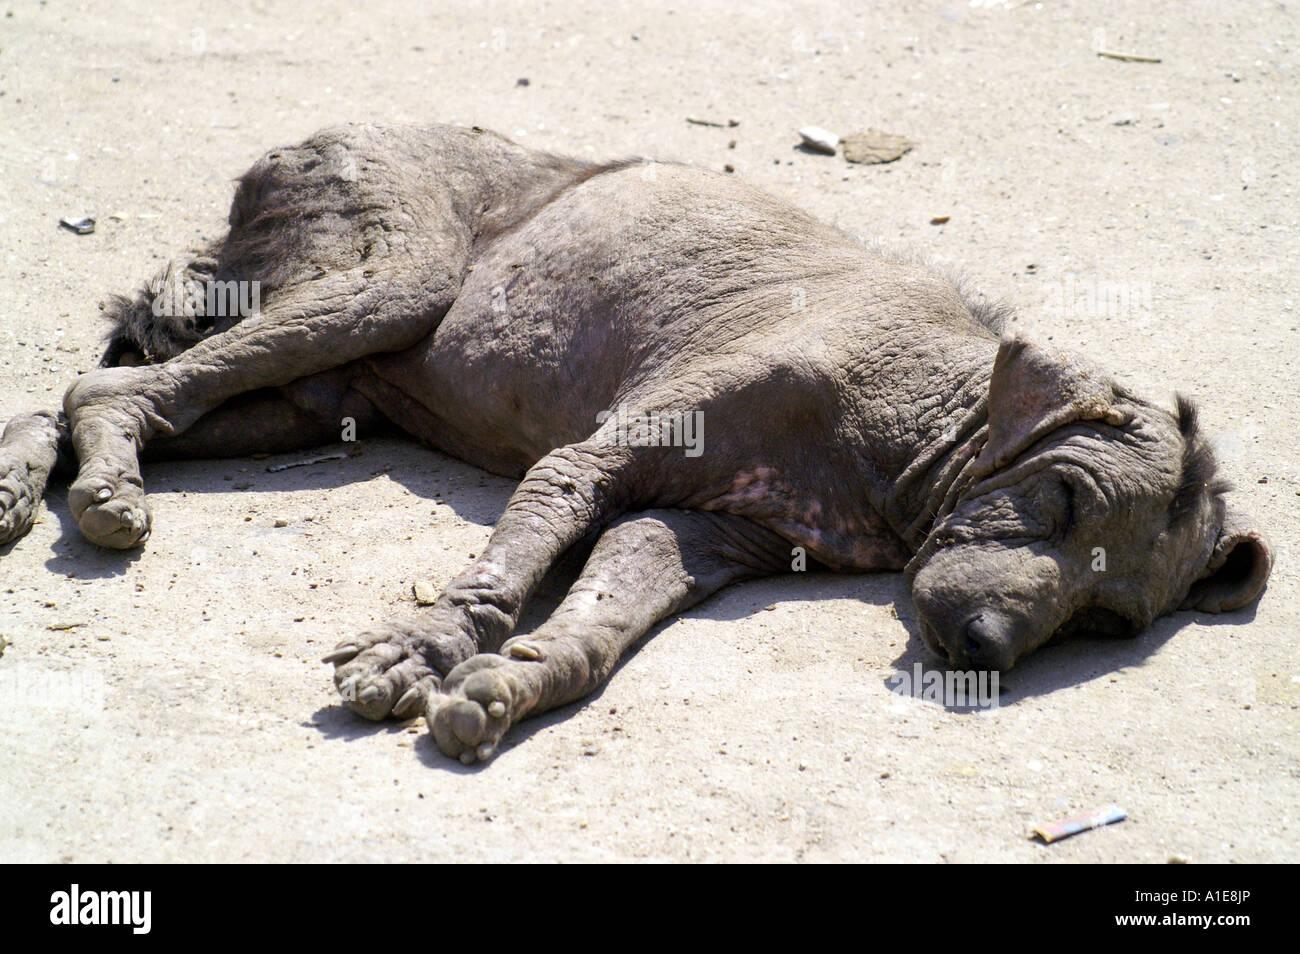 Quasi cane morto cadavere giacente sulla strada di Manikaran, India Immagini Stock